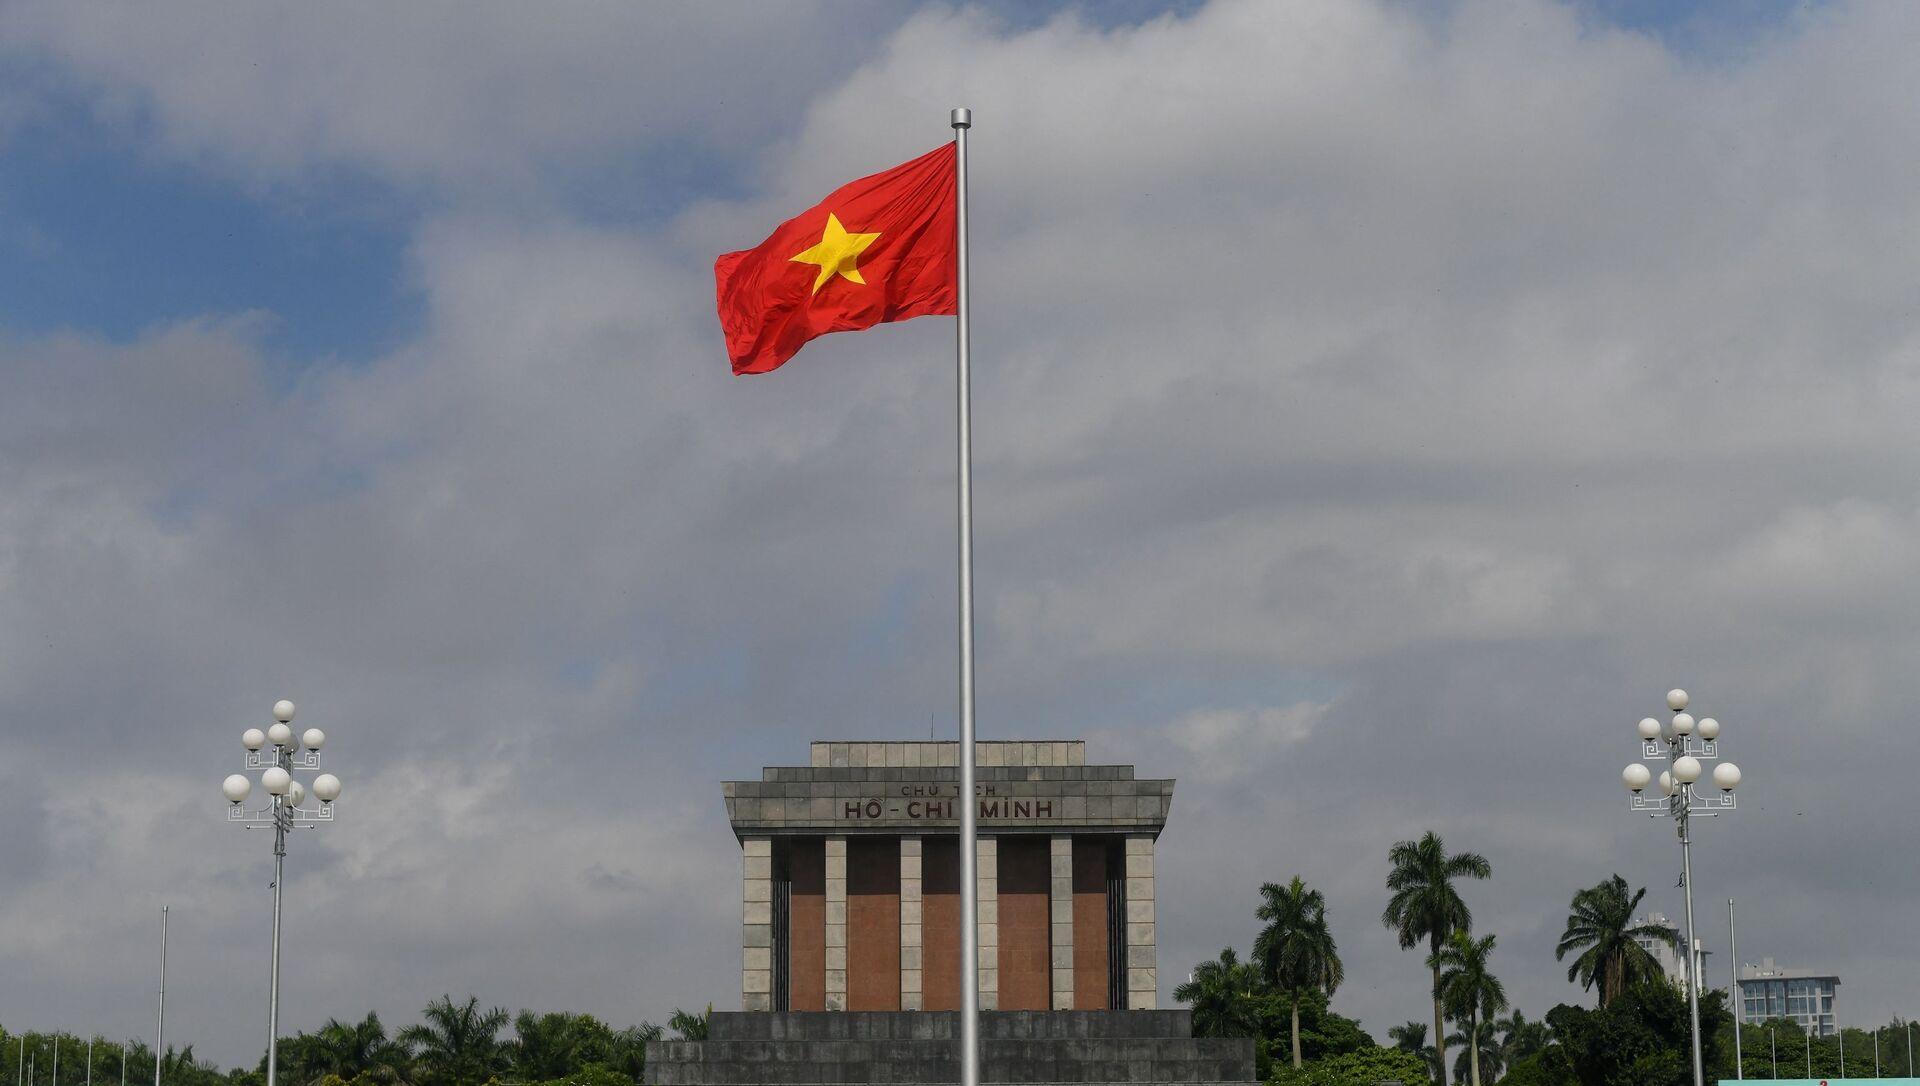 Bảo tàng Hồ Chí Minh. - Sputnik Việt Nam, 1920, 03.04.2021